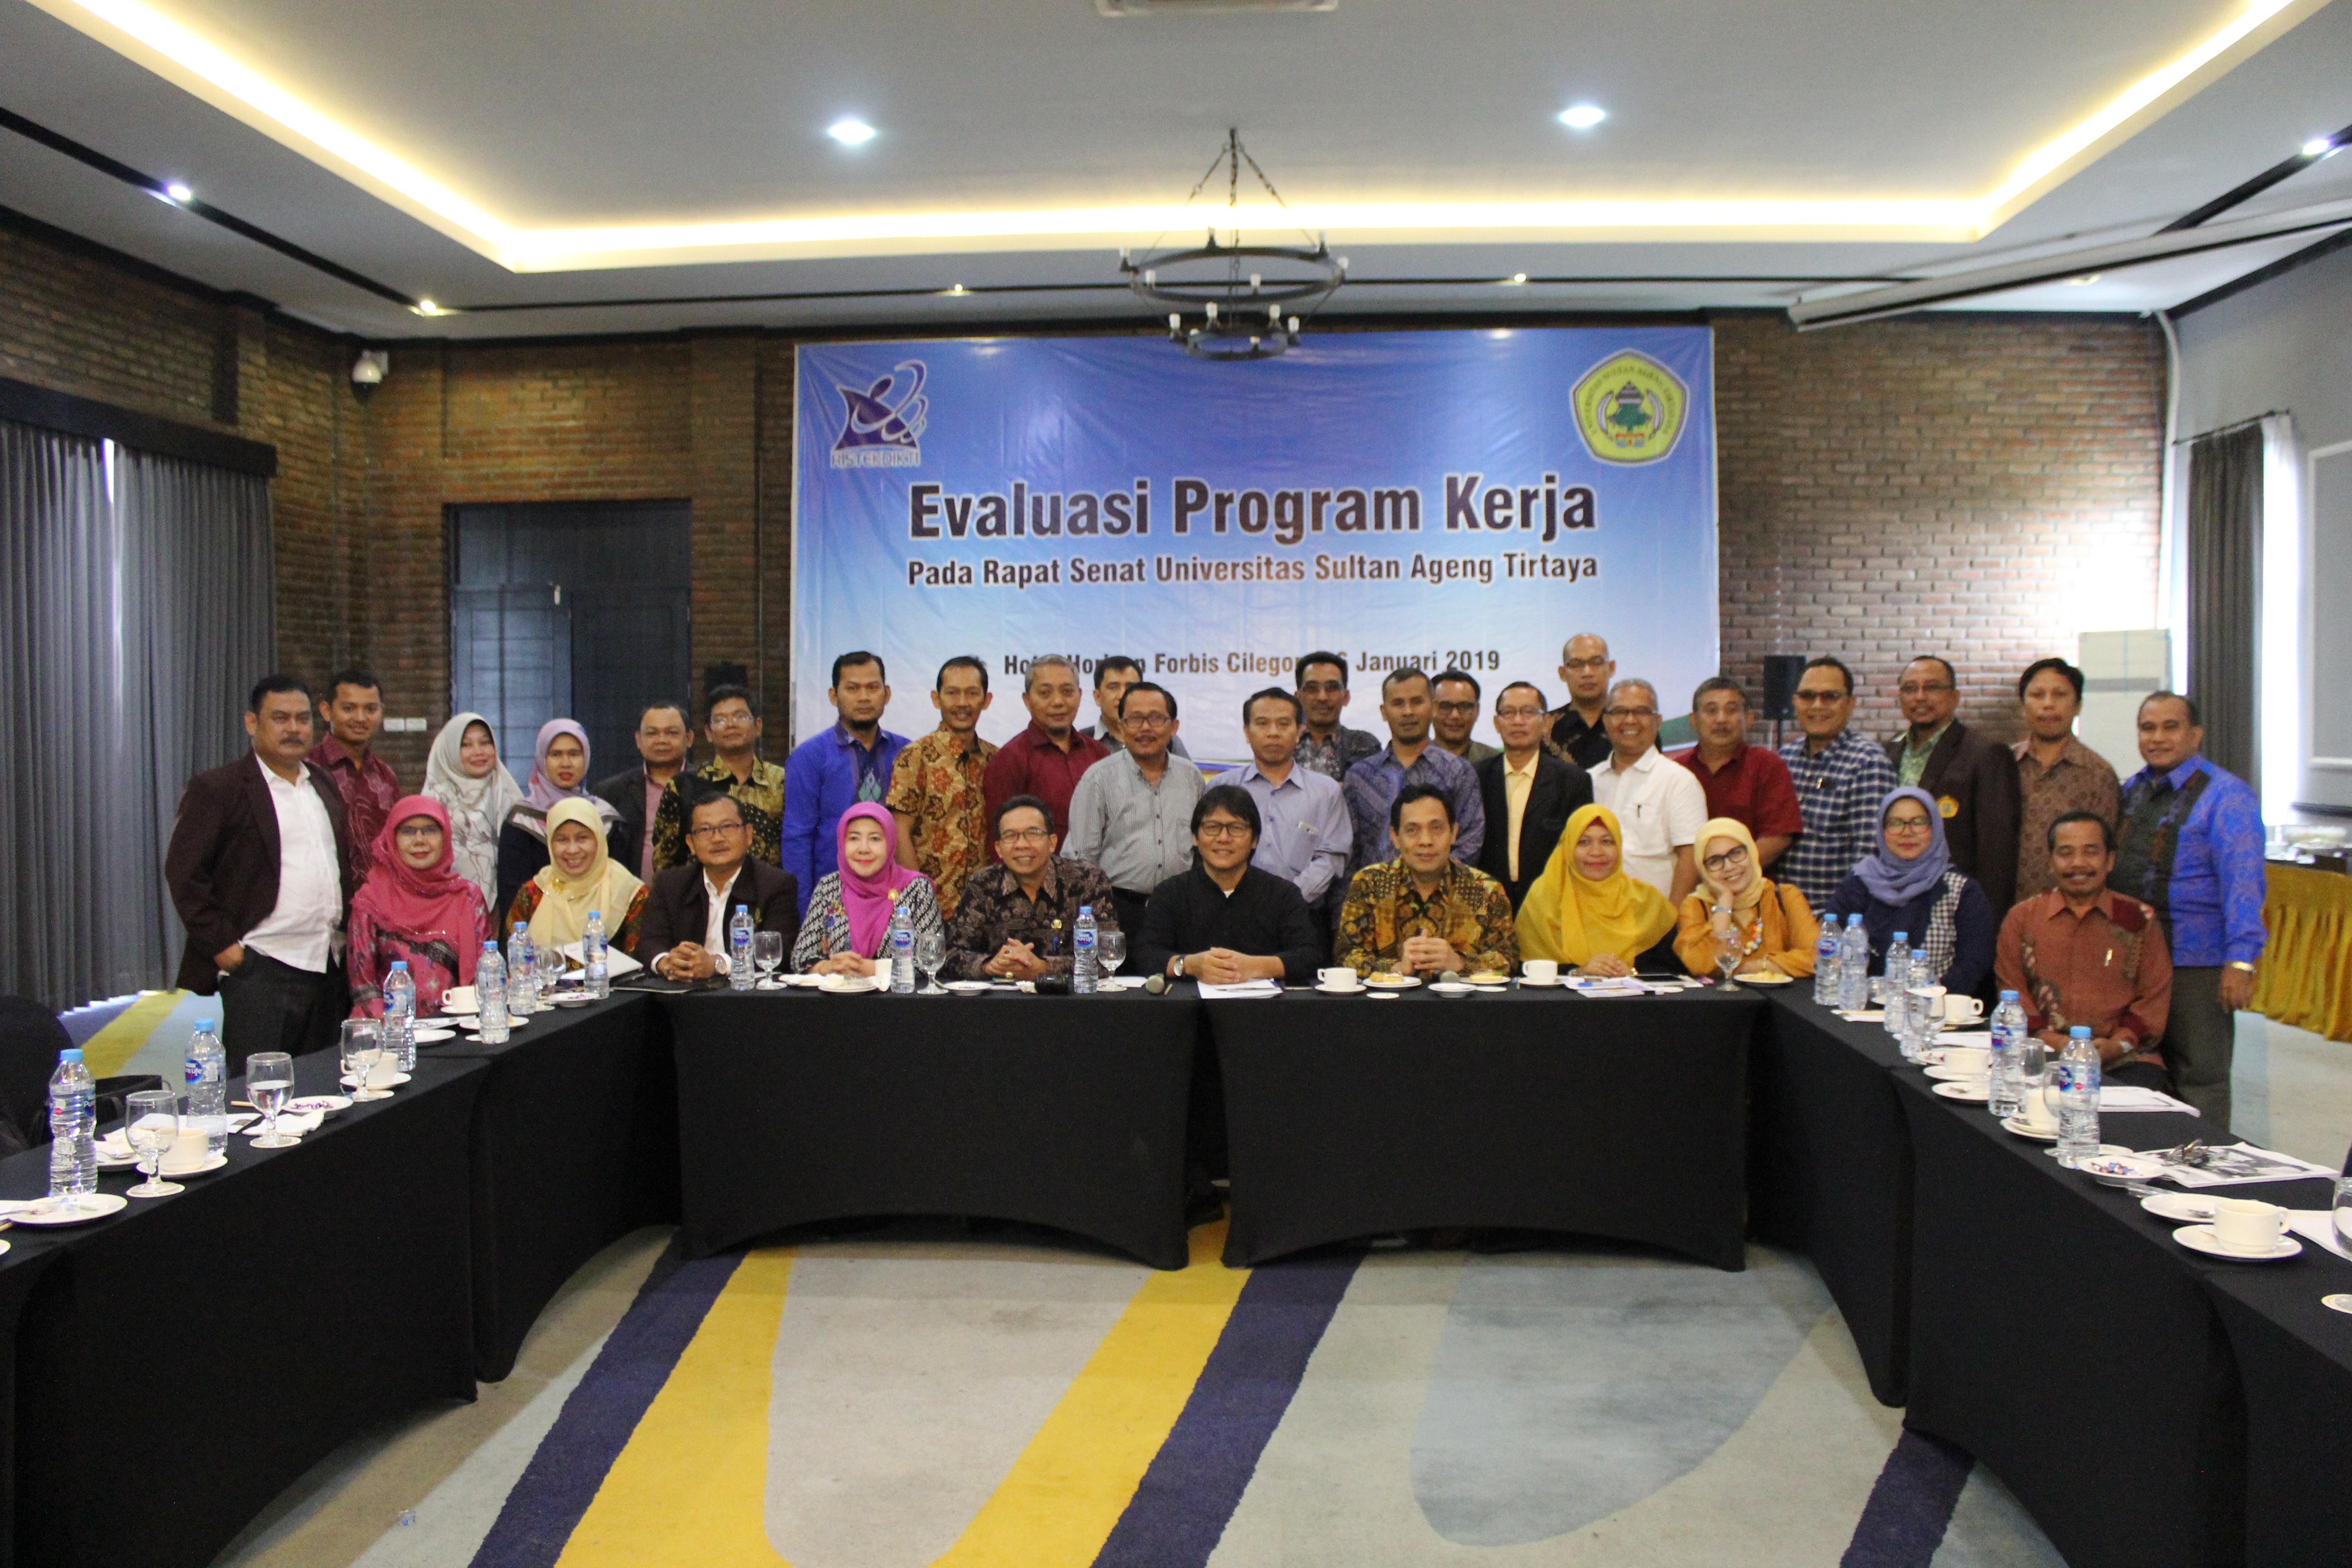 Evaluasi Program Kerja Senat Untirta